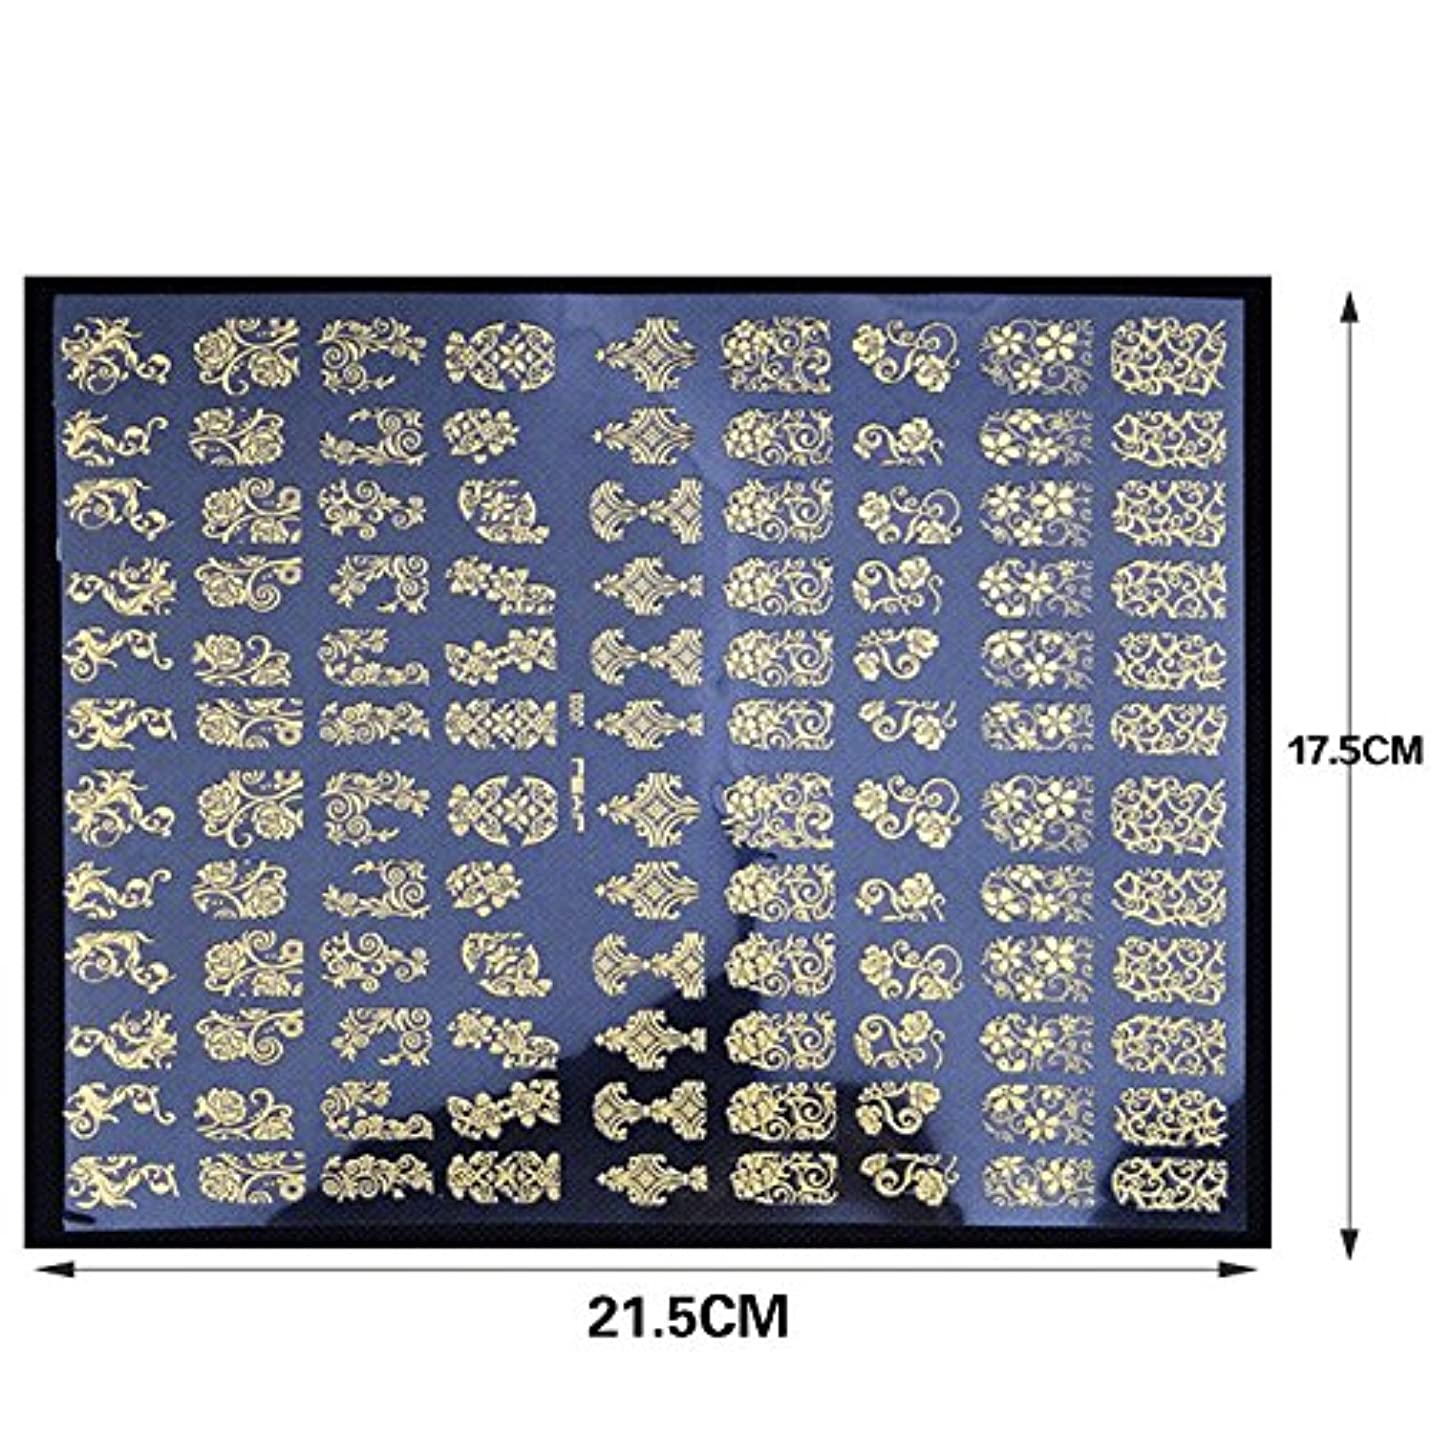 聴覚障害者ティッシュ王子ネイルステッカー 1シート108枚 / ネイルシール/ネイルホイル/ネイルアートテープ/デコレーション/ジェルネイル (Gold)